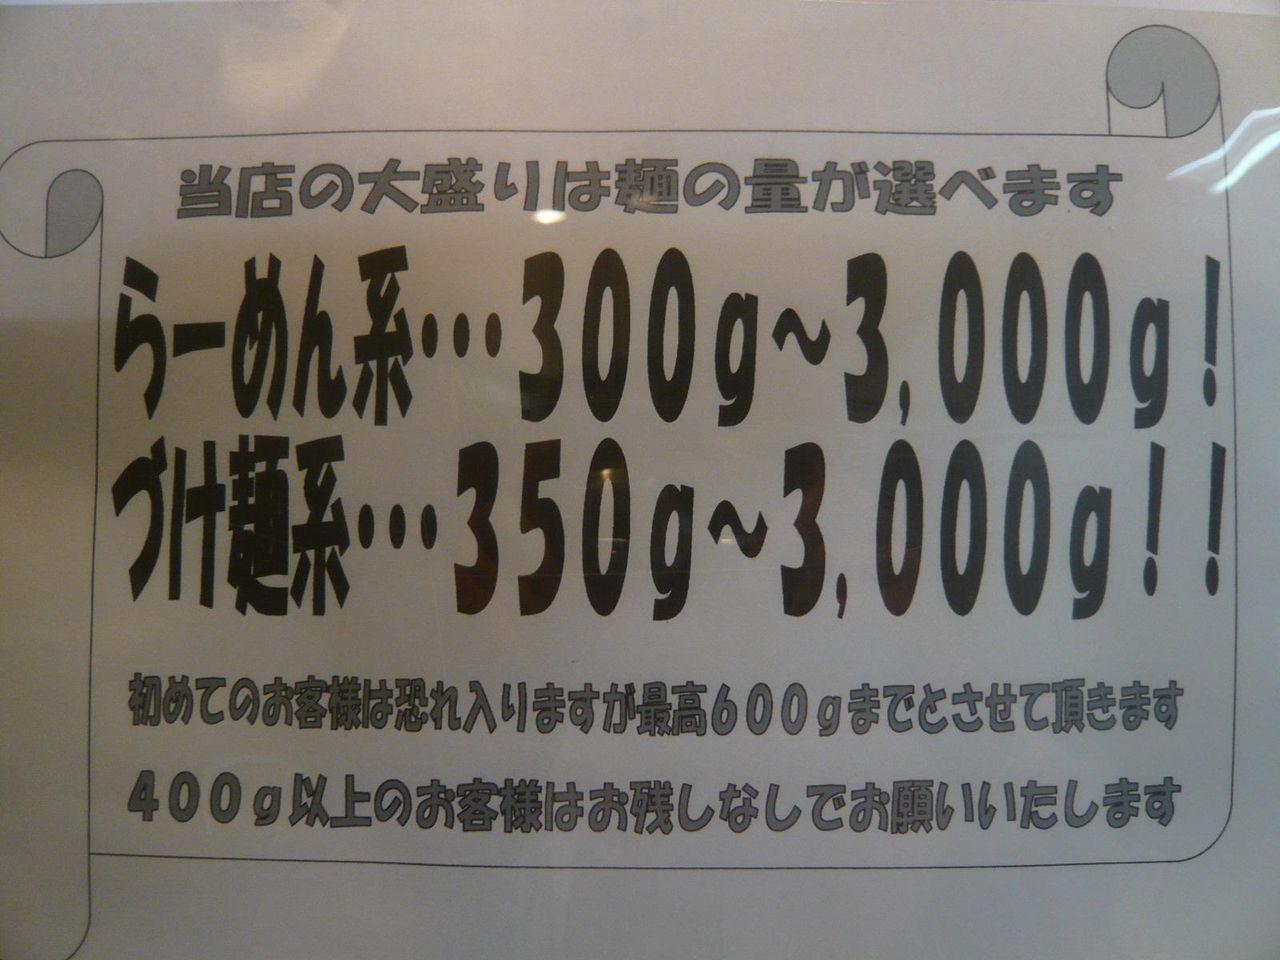 大盛100円増しで、何と麺を3,000グラムまで増量できます!